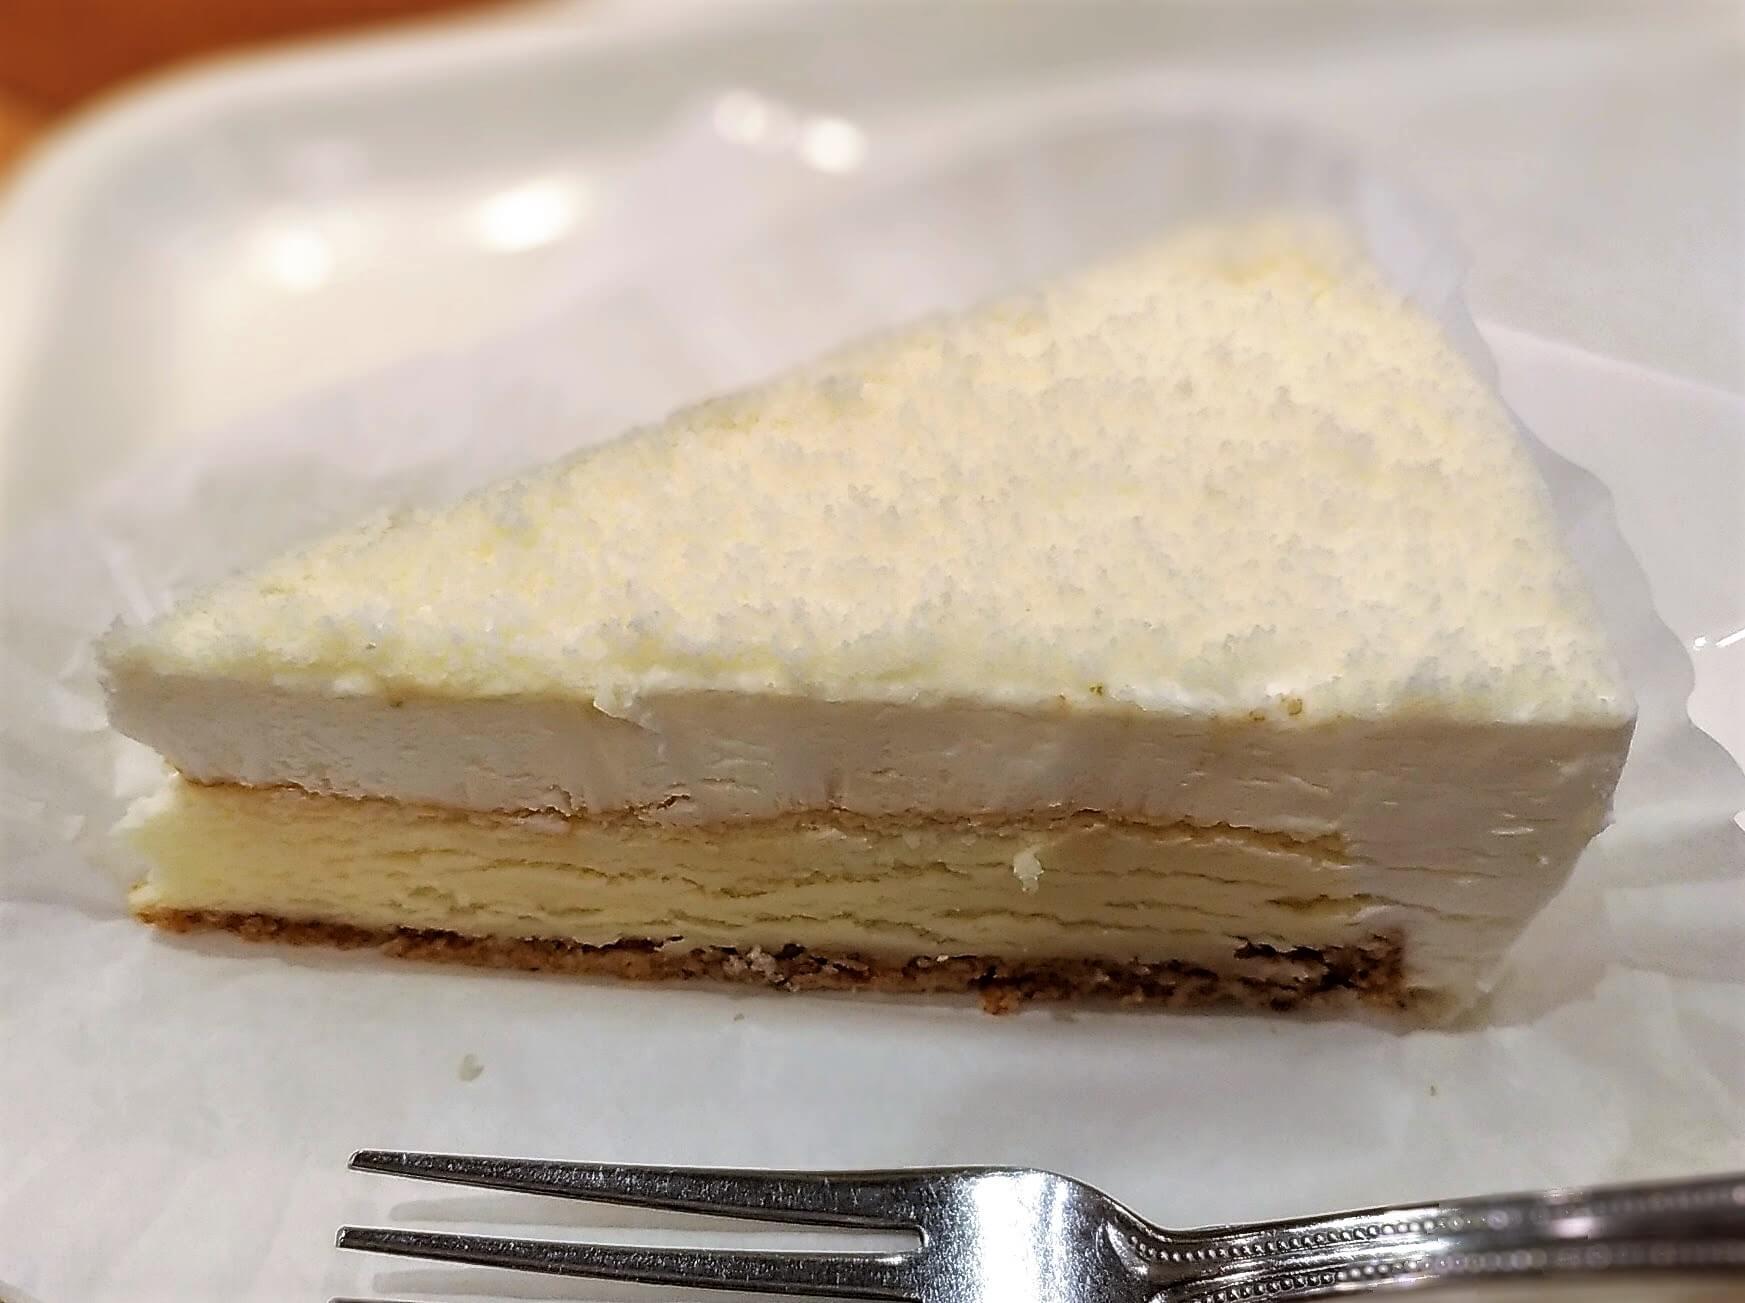 【新橋珈琲店】北海道2層のチーズケーキ (3)